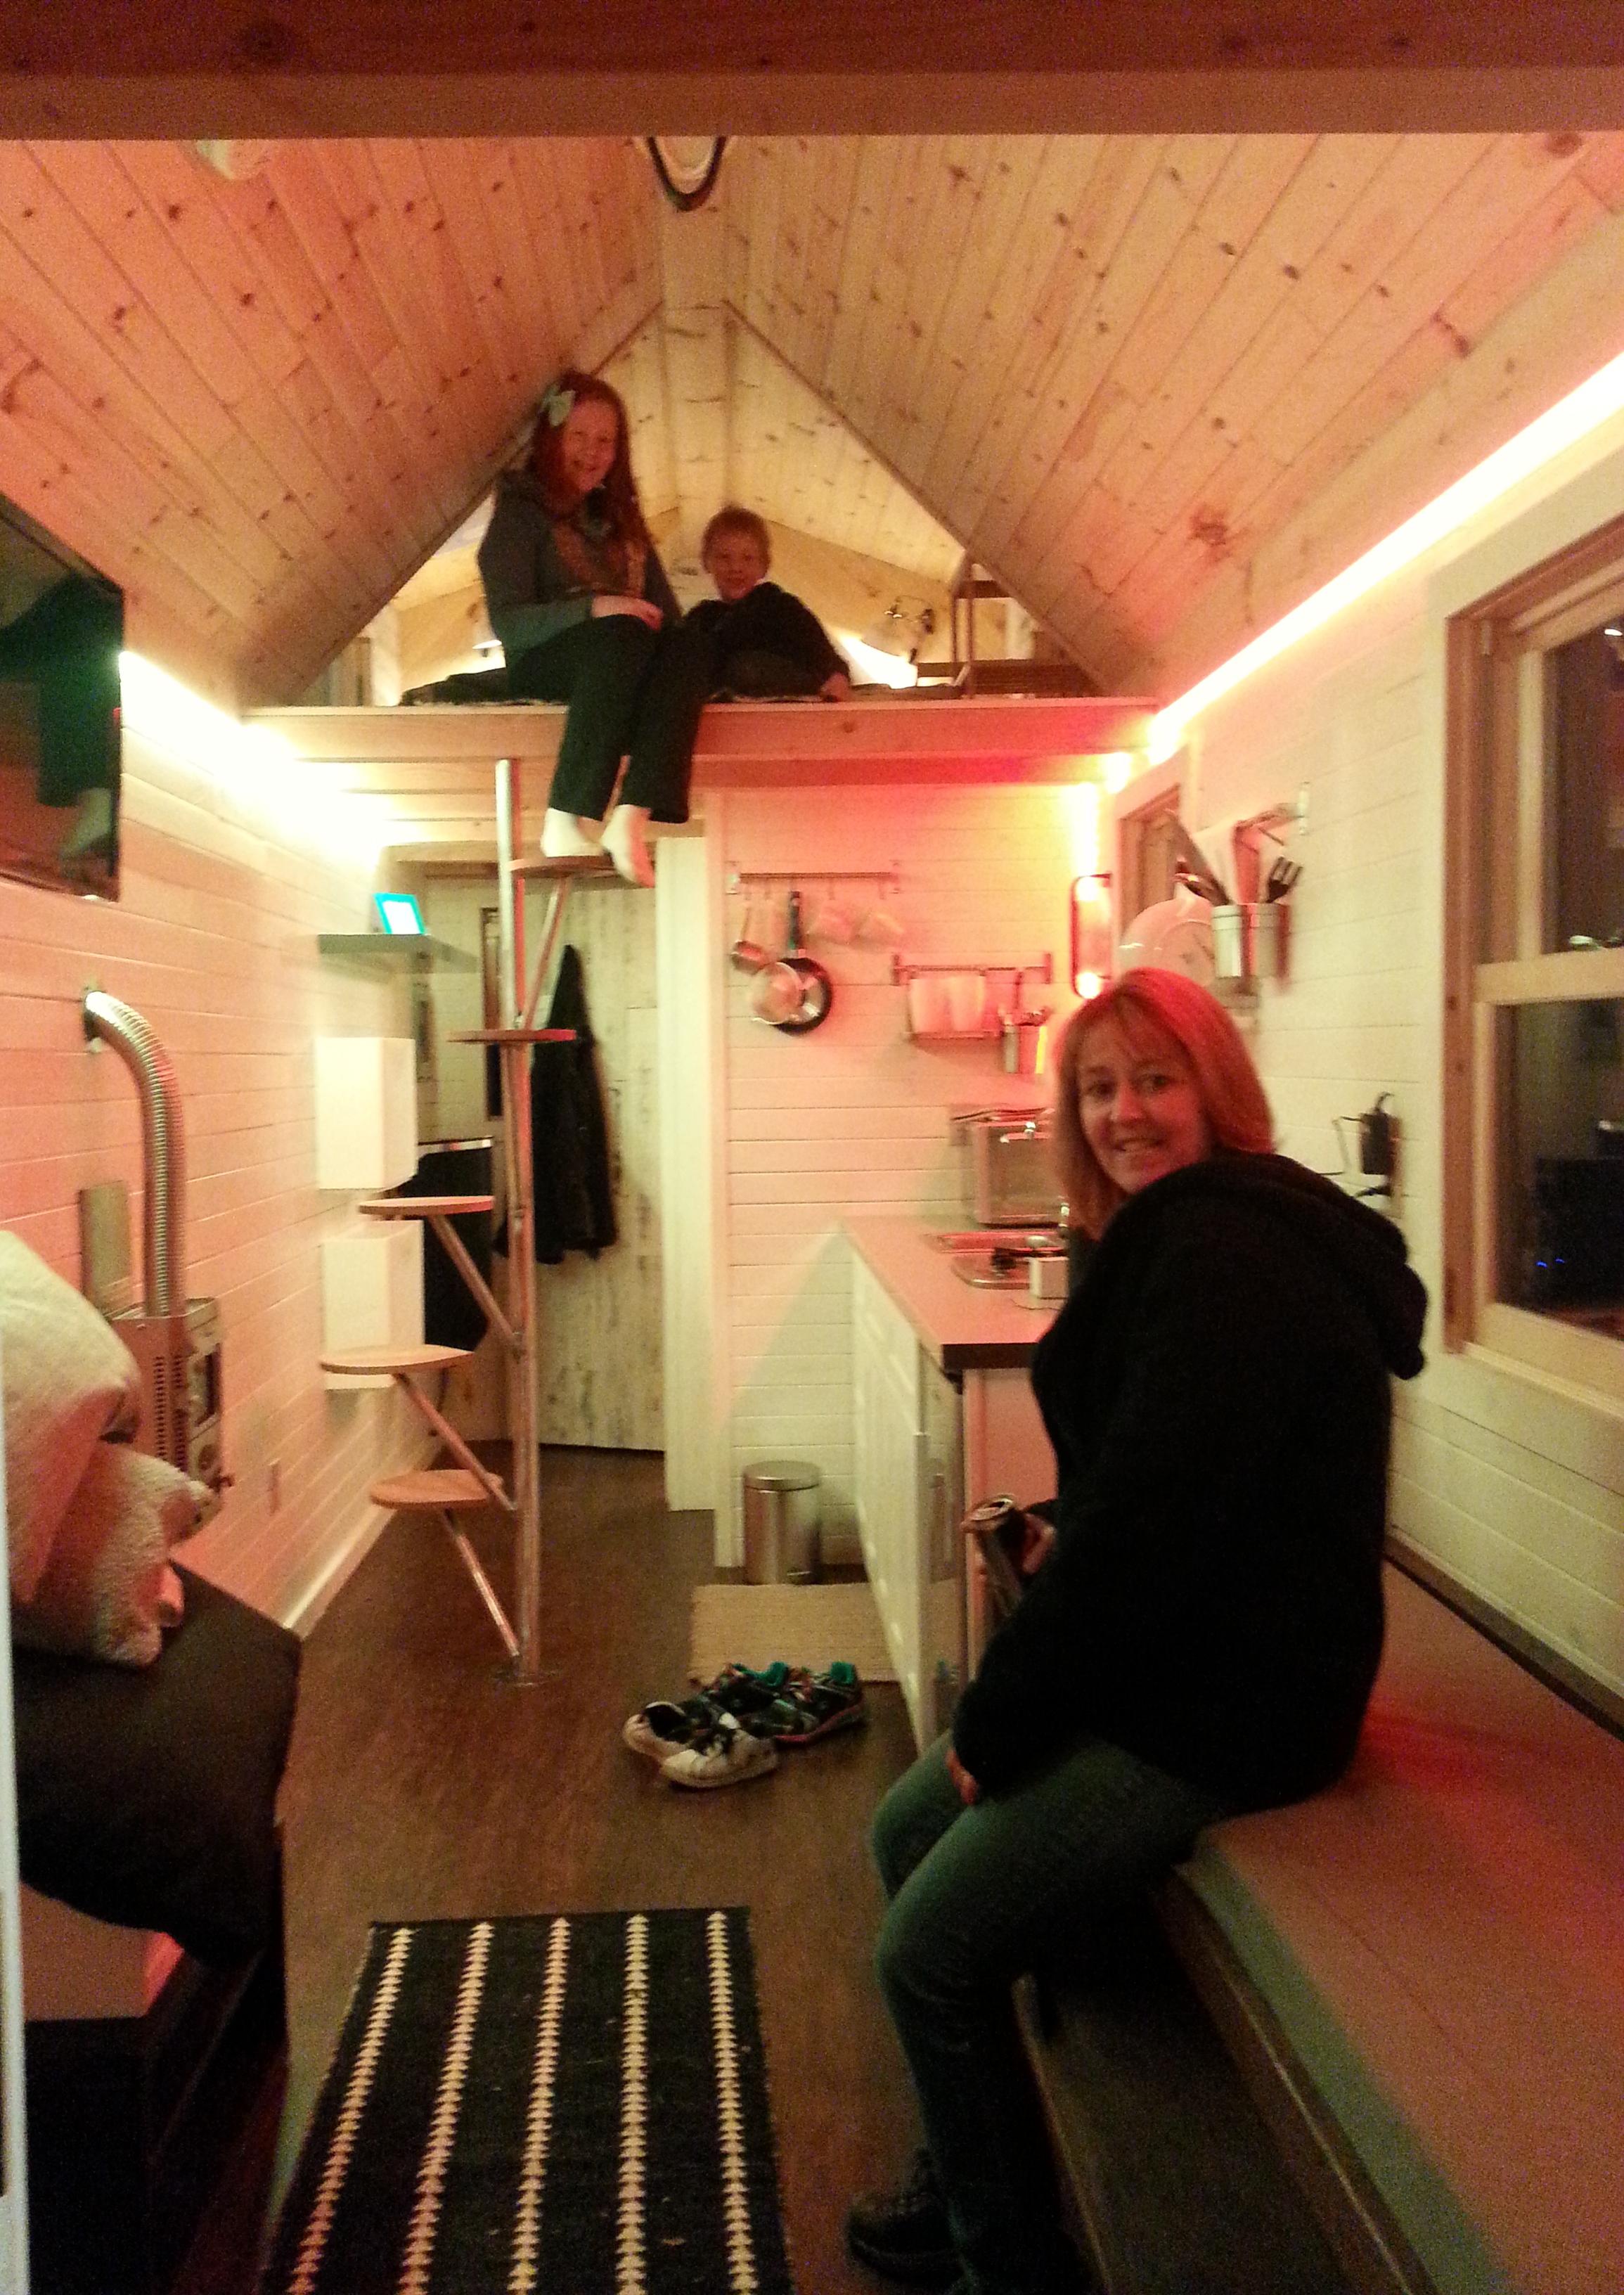 Harris family exploring tiny house